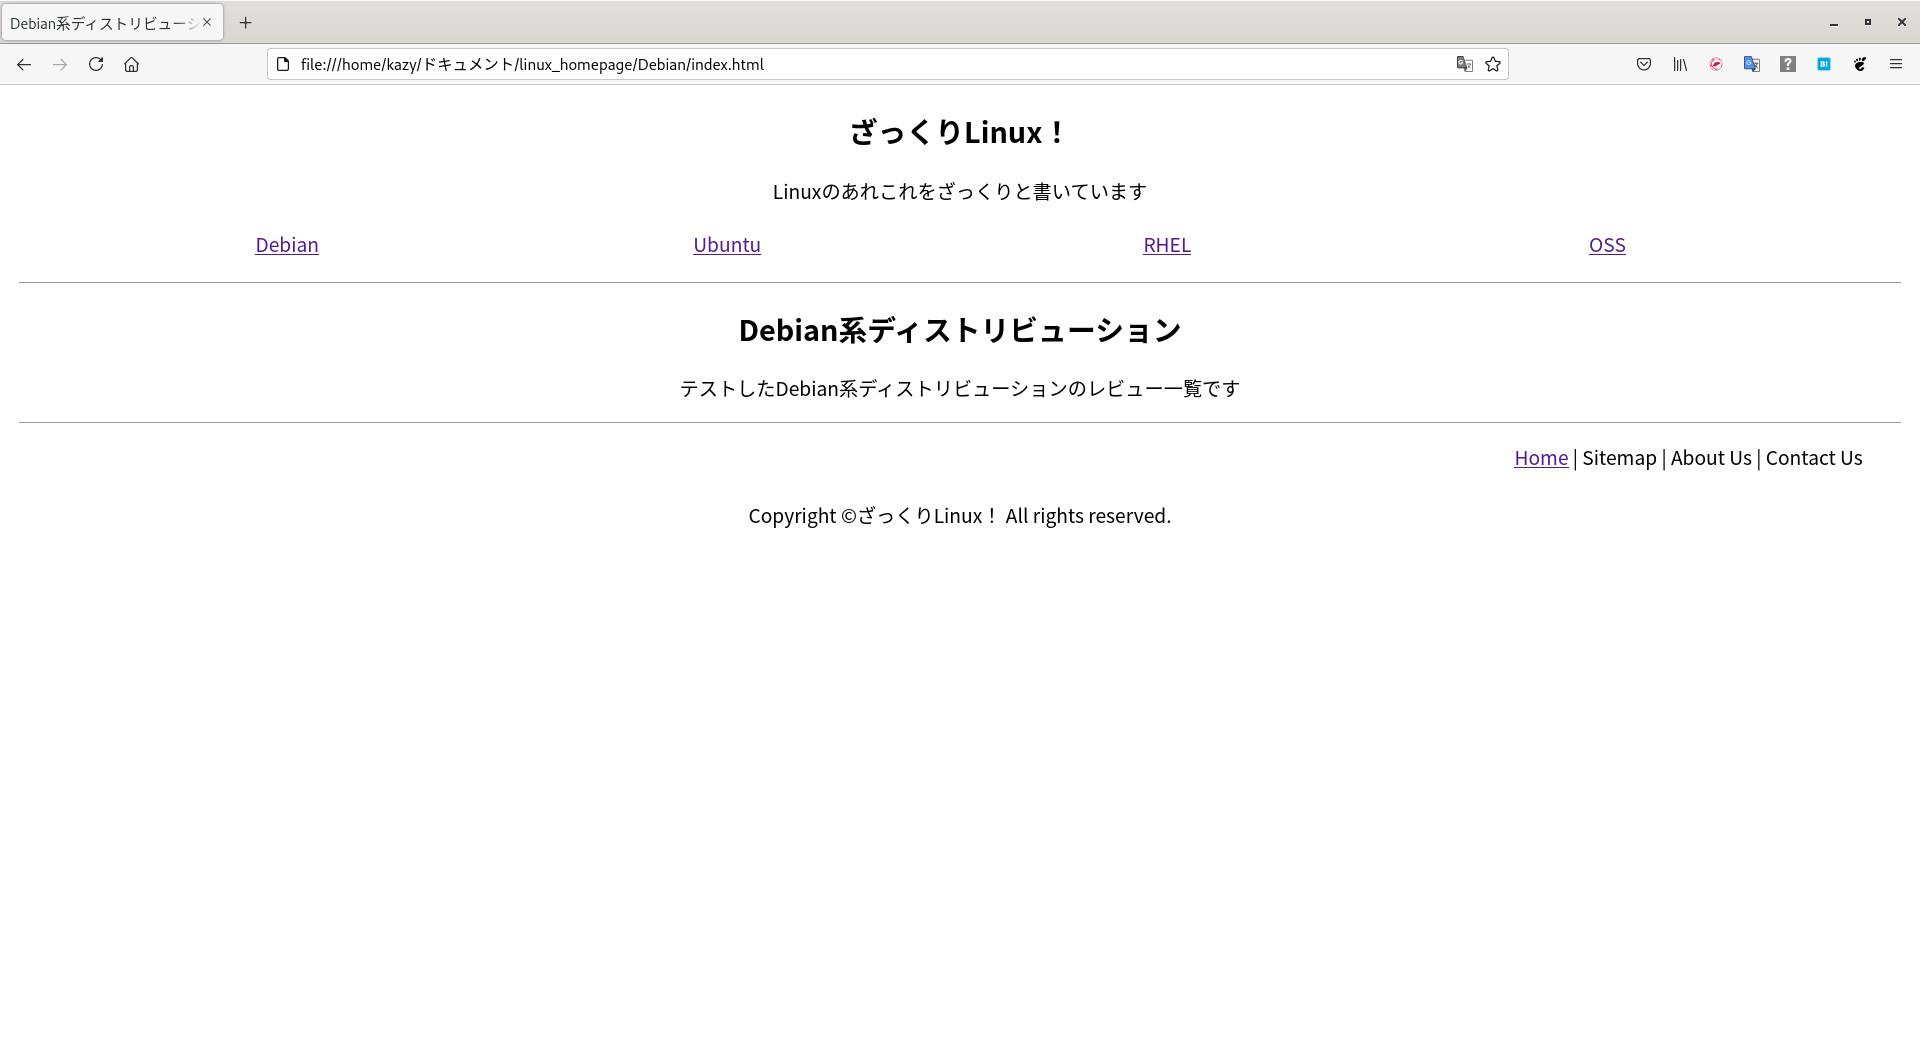 仮ウェブサイトカテゴリートップ